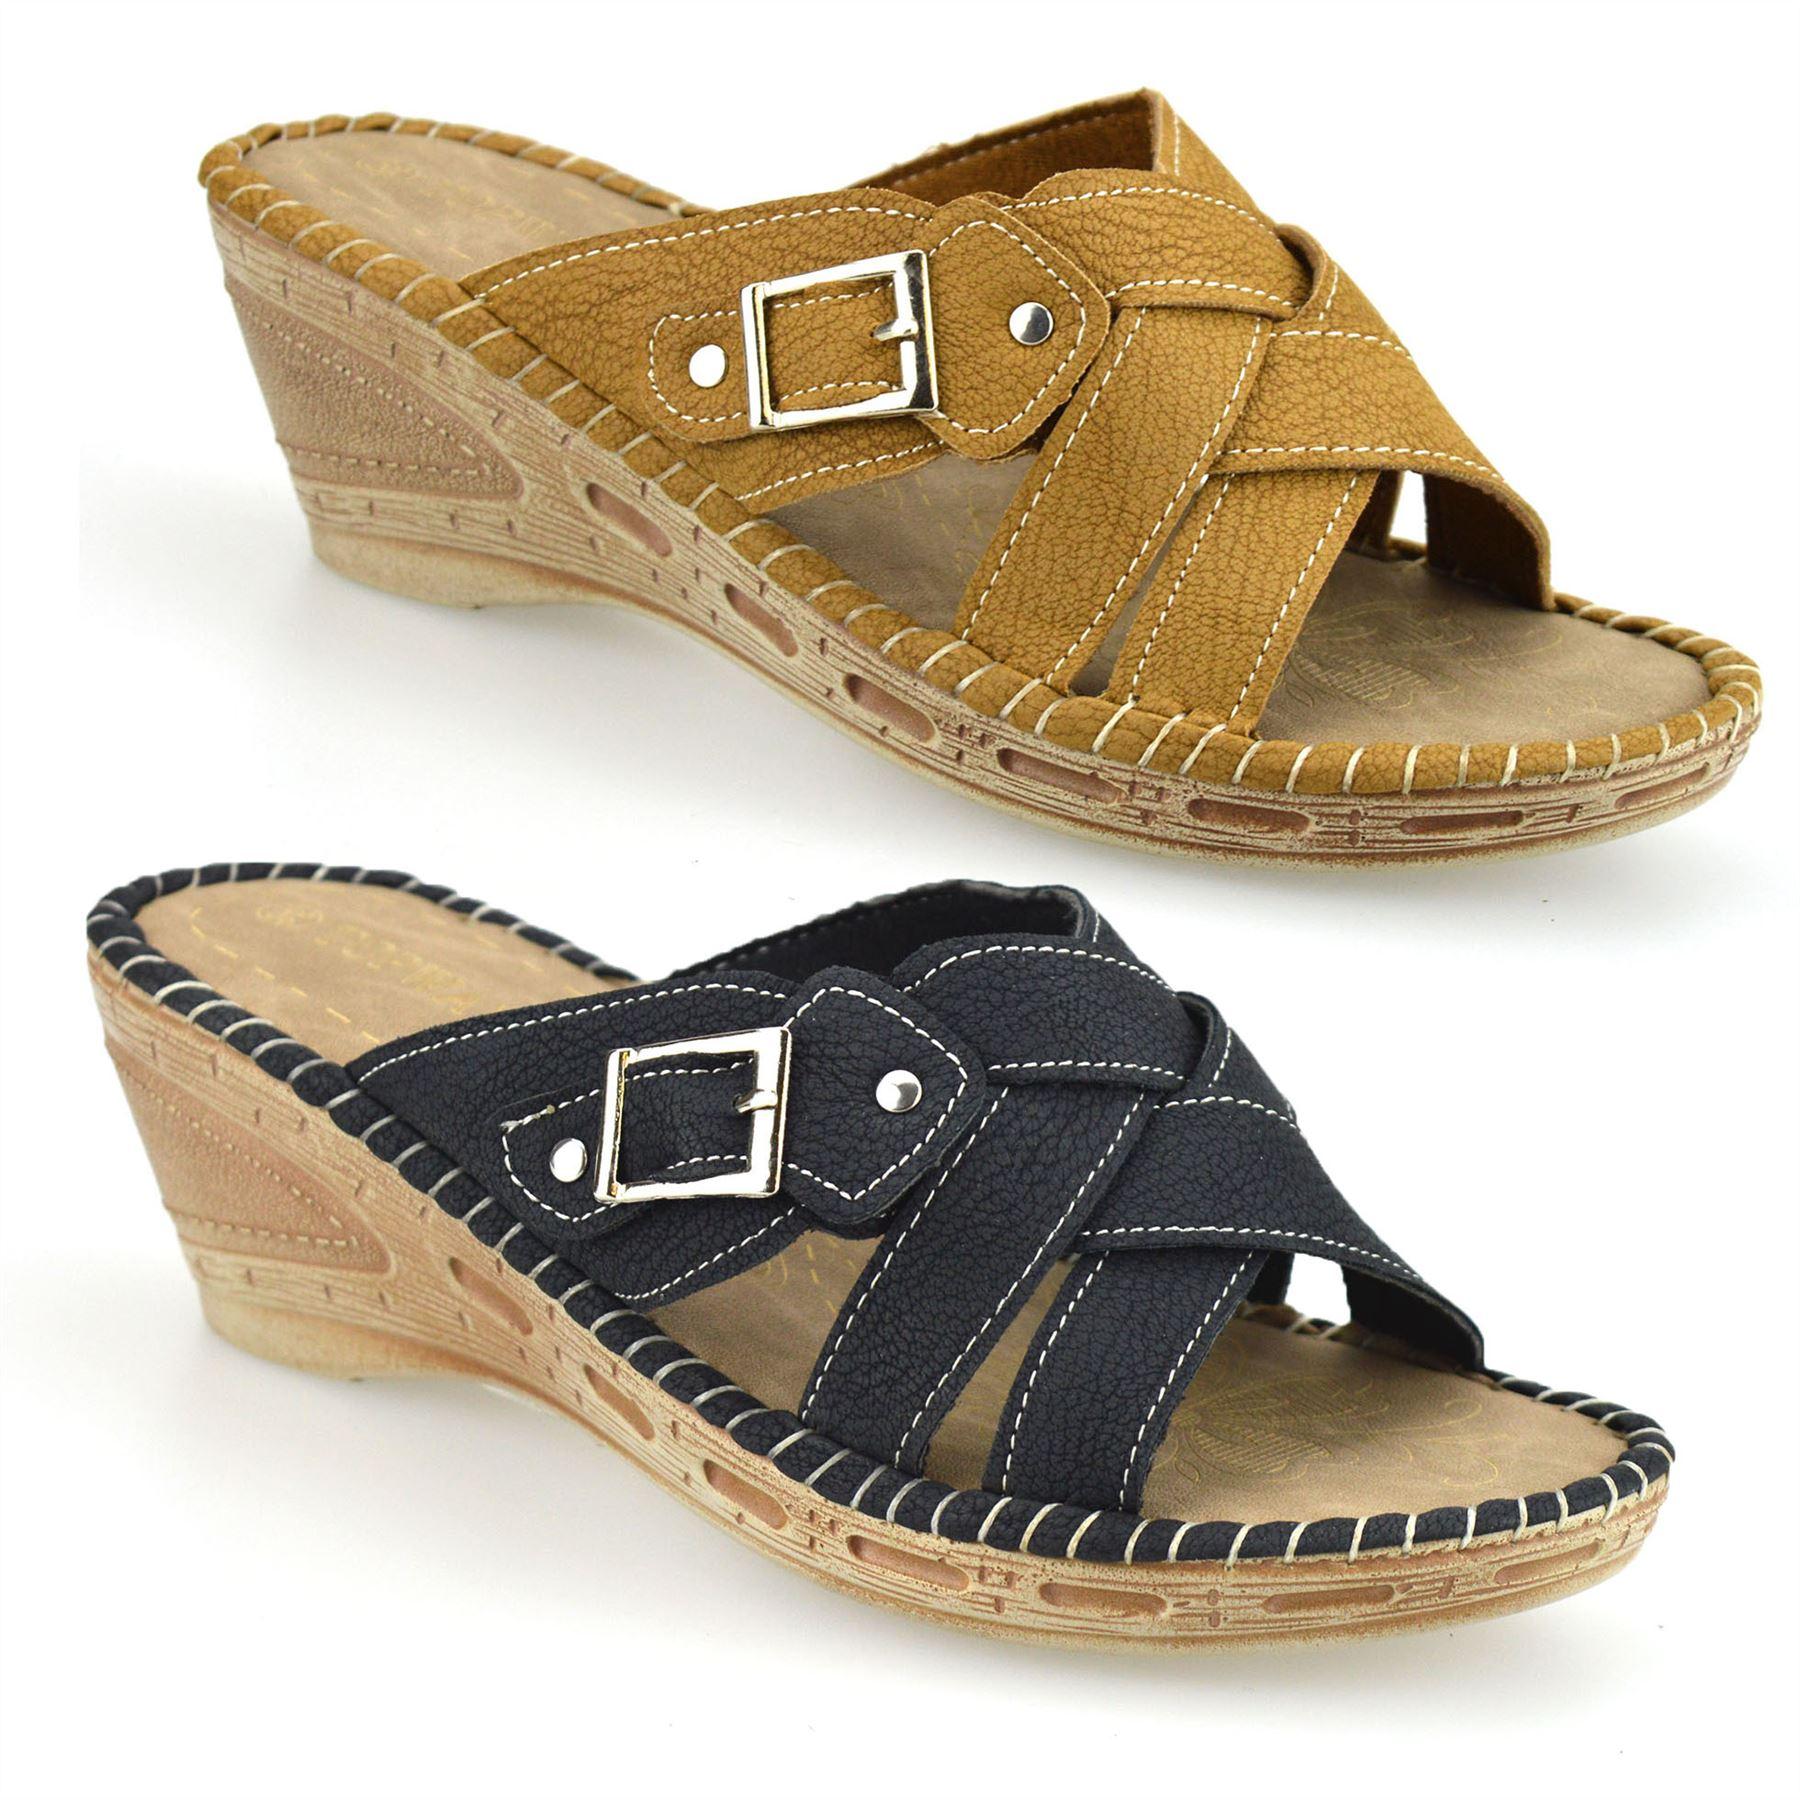 Ladies Womens New Mid Wedge Heel Casual Summer Slip On ...